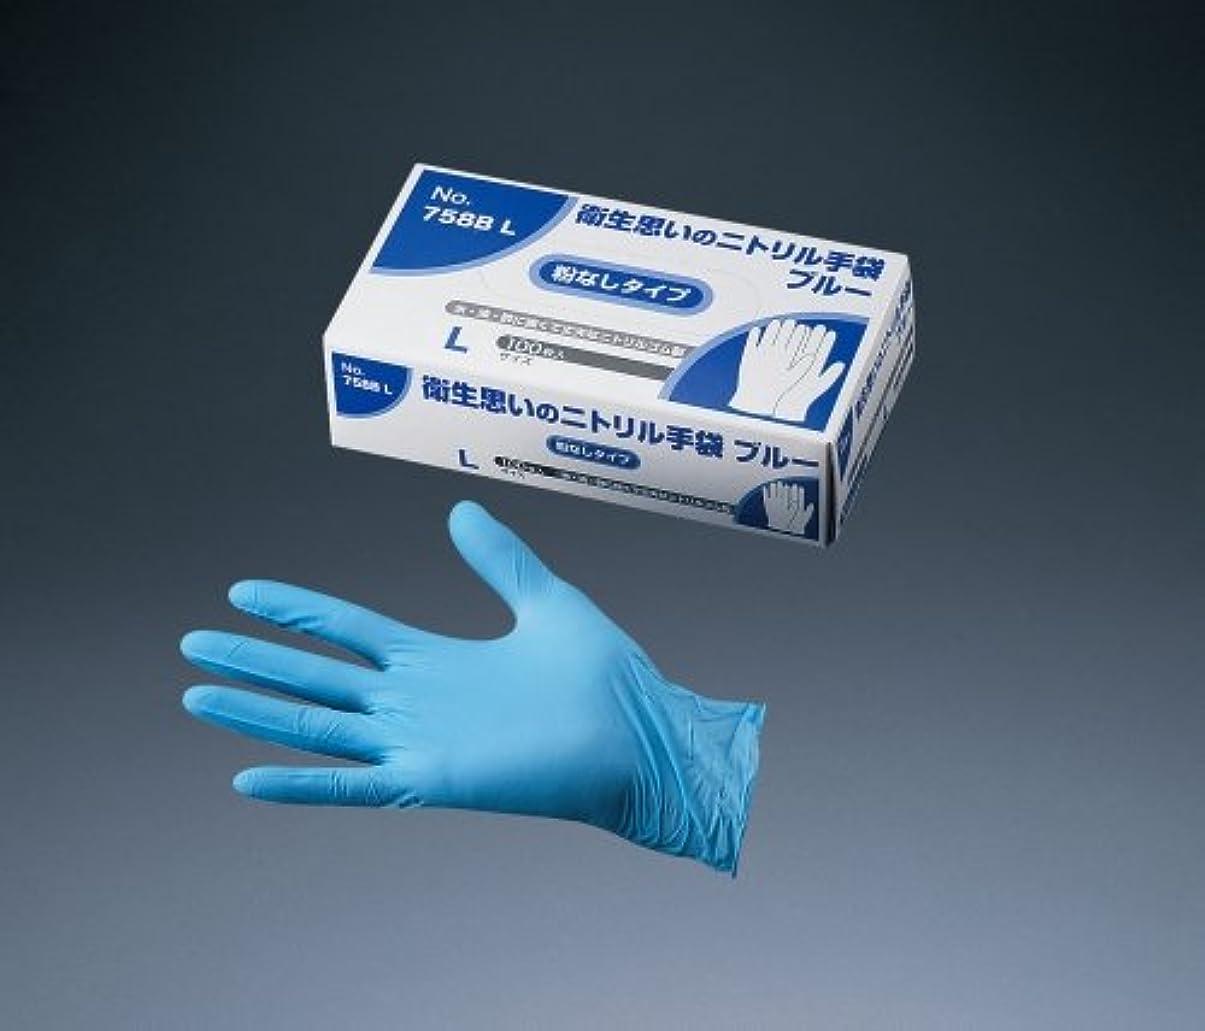 メディカルペレグリネーションファックス衛生思いのニトリル手袋(粉なし)ブルー